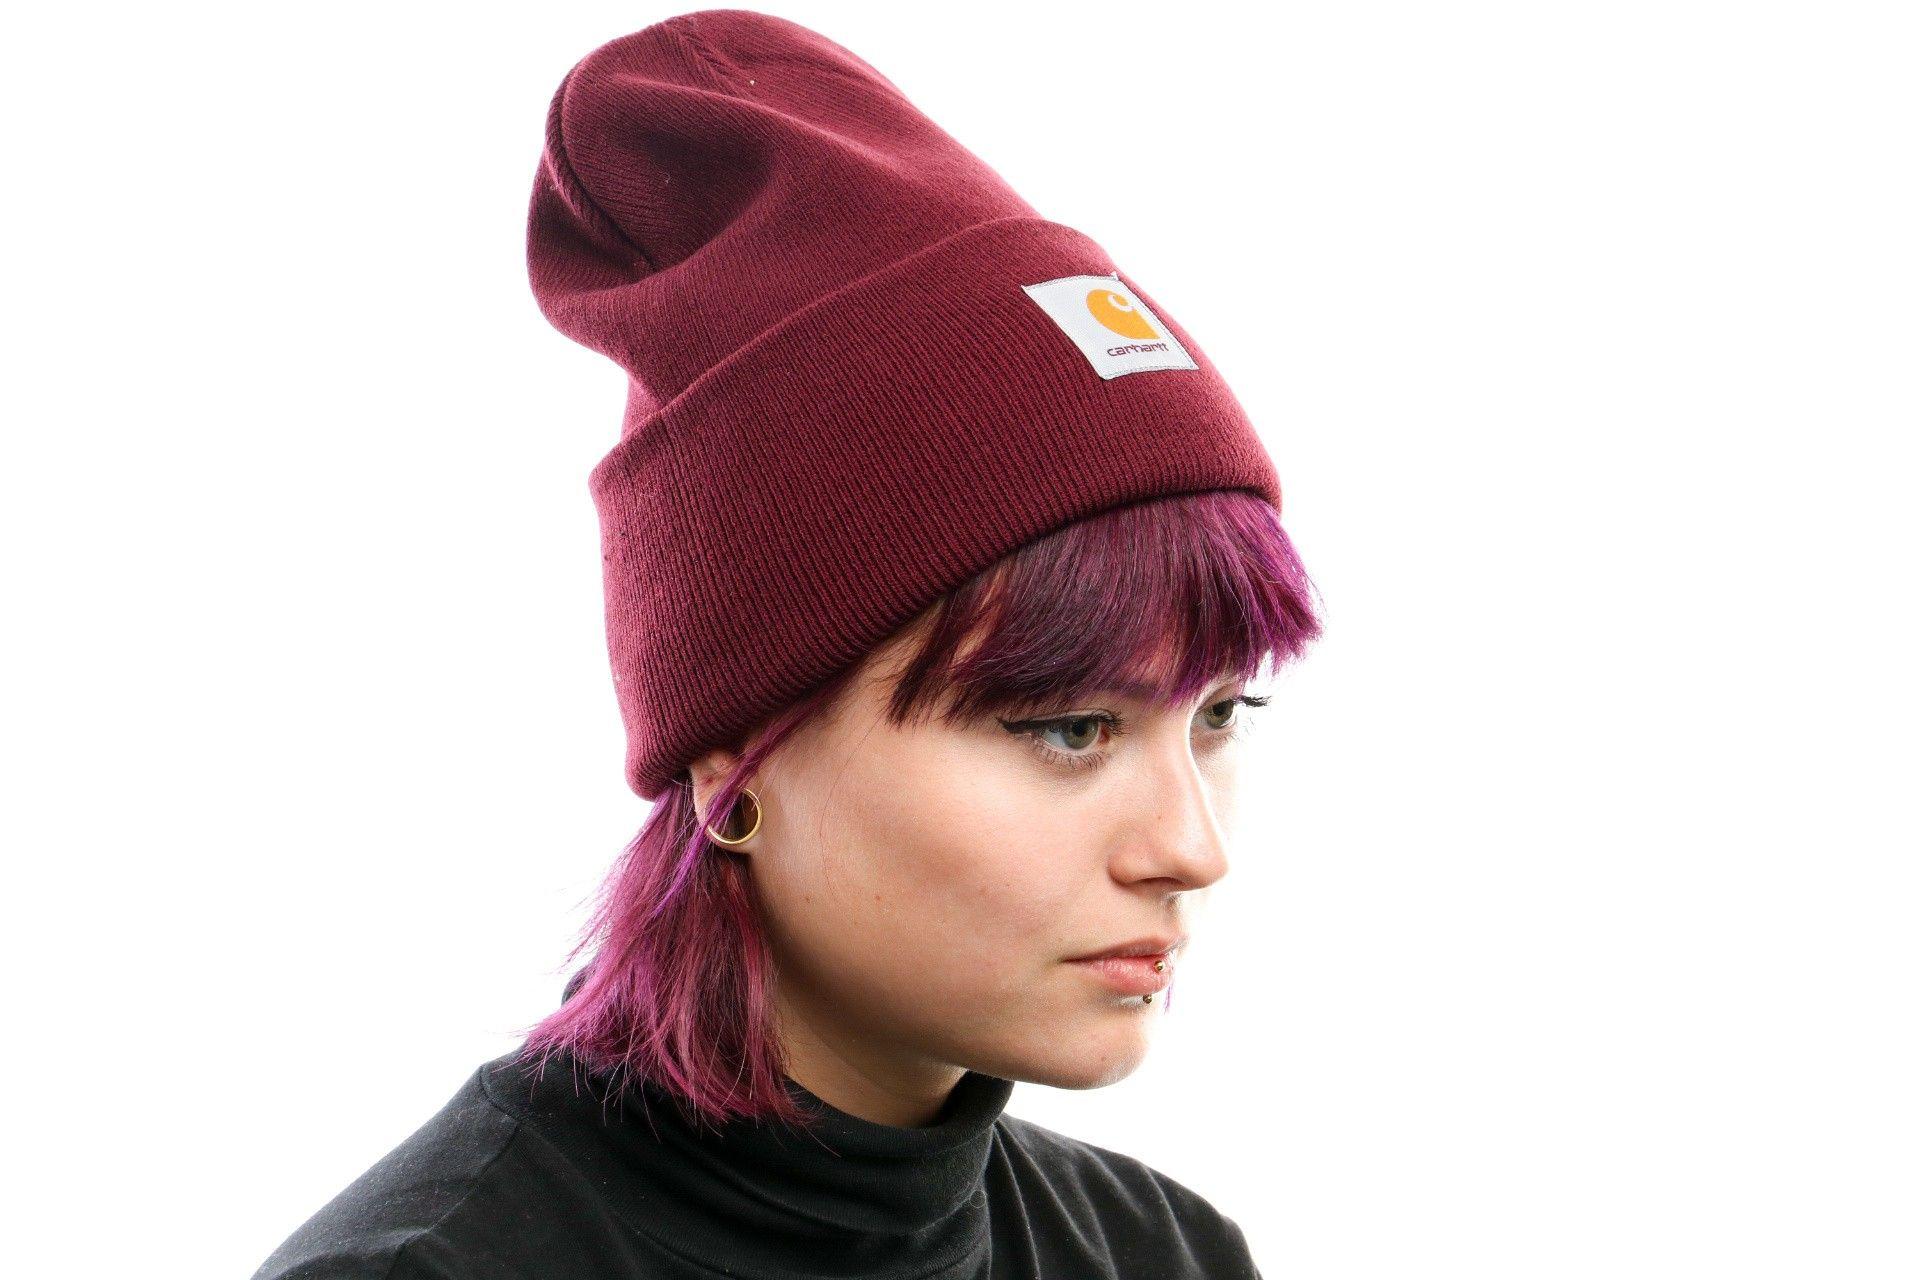 Afbeelding van Carhartt Wip Acrylic Watch Hat I020222 Muts Merlot